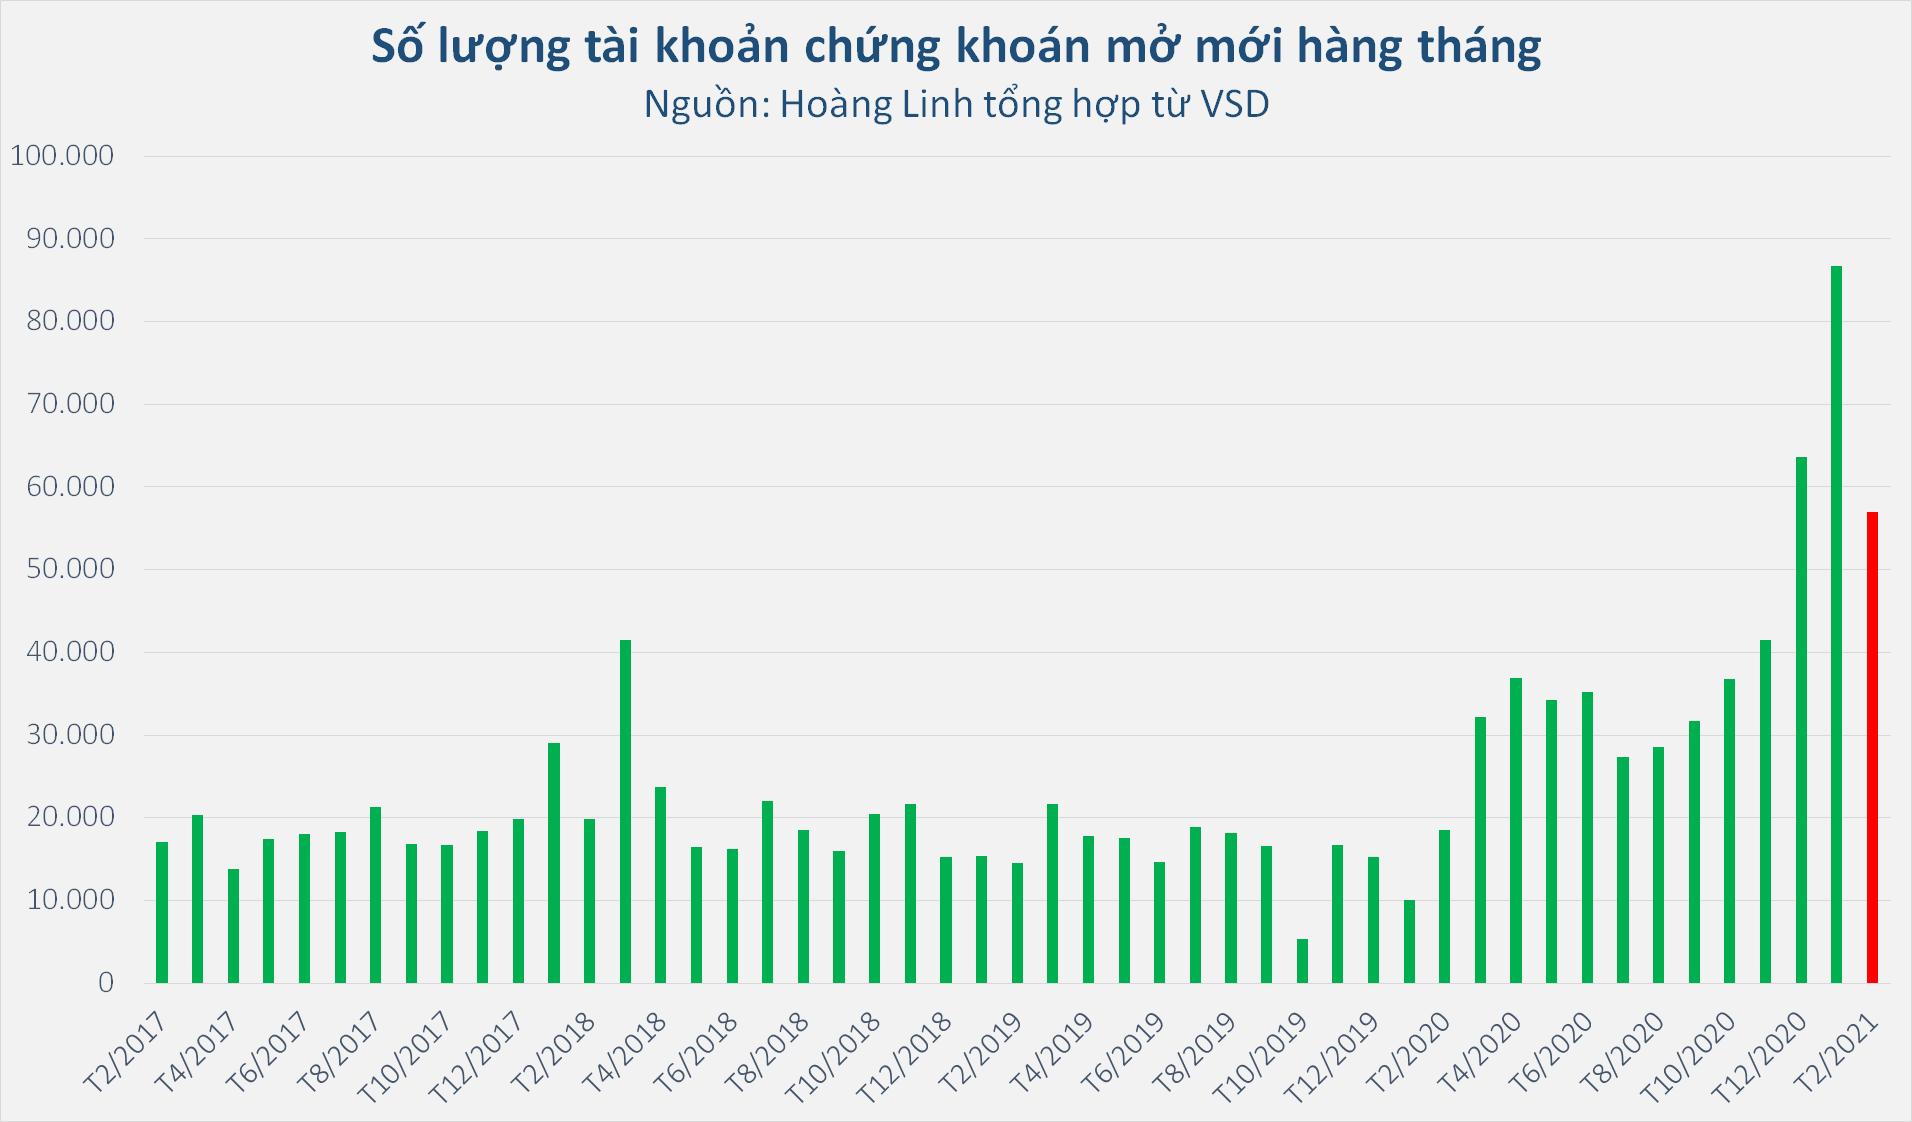 511.746 tài khoản chứng khoán mở mới kể từ khi TTCK Việt Nam tạo đáy vào tháng 3/2020 - Ảnh 1.